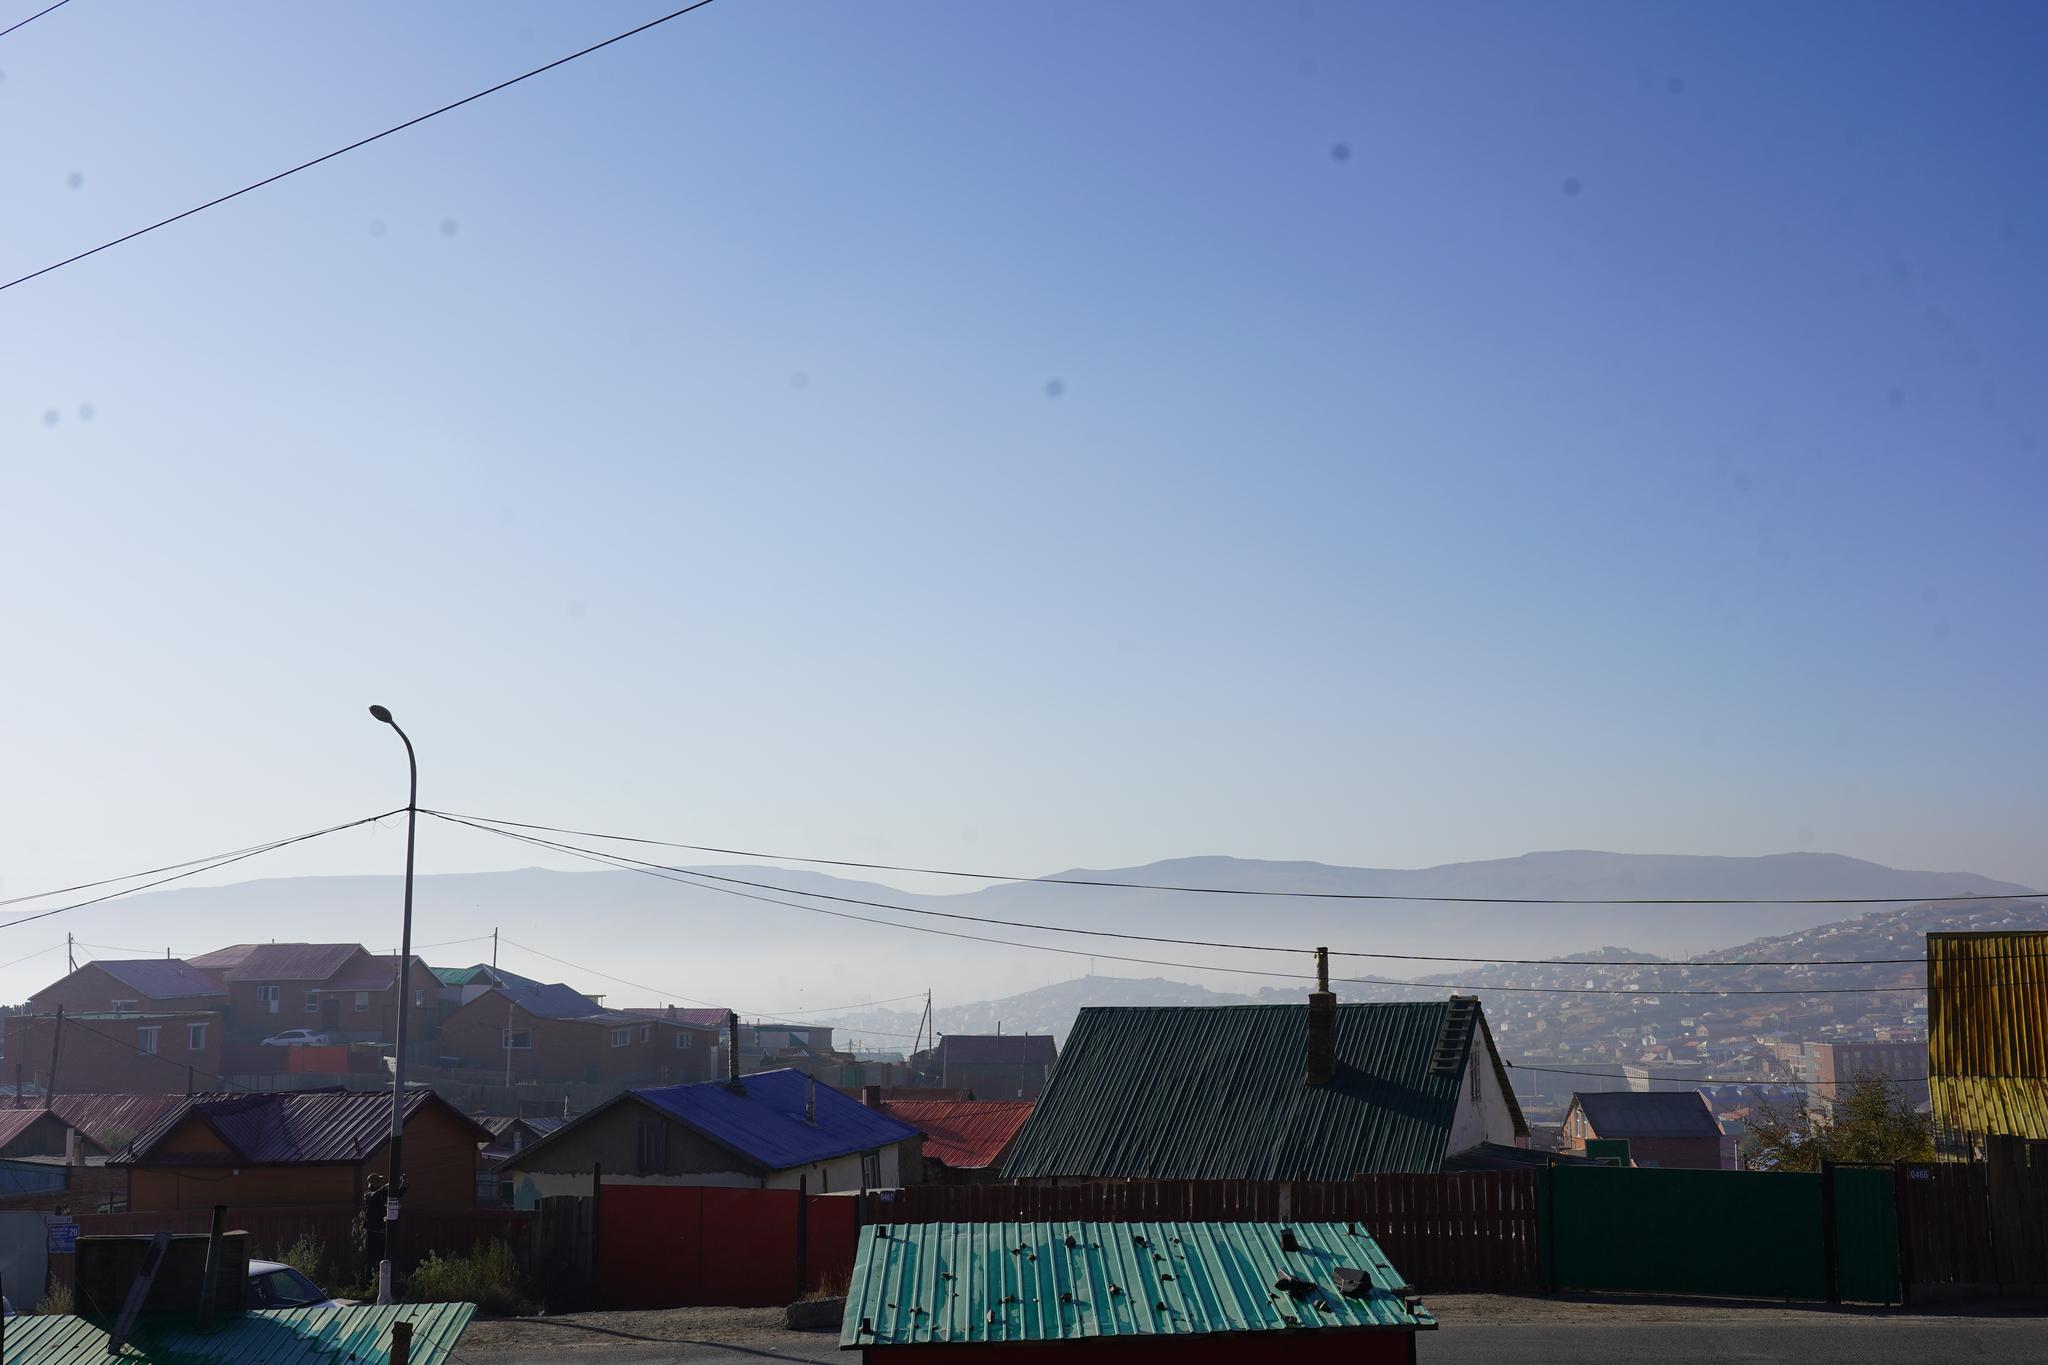 몽골 울란바토르 서북쪽 외곽에 위치한 칭길테 지역의 언덕배기 게르촌에서 내려다본 아래쪽 울란바토르 도심. 이날 하늘은 구름 한 점 없이 맑았지만 영하 7도까지 떨어진 추위 탓에 난방이 늘어 아침 도심엔 오염물질이 고였다. 김정연 기자